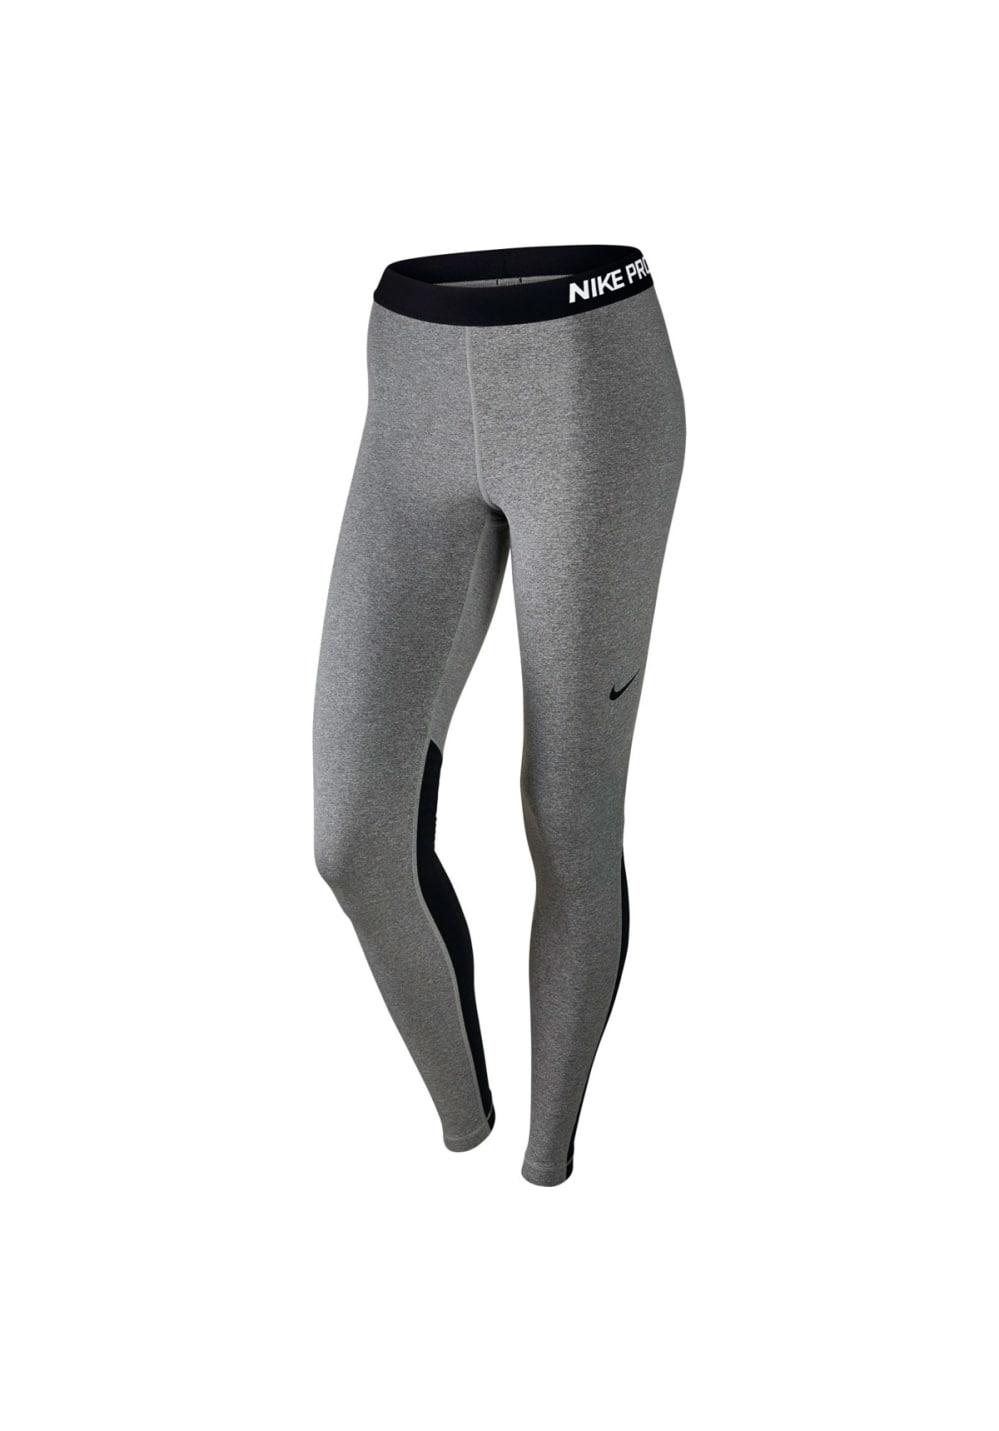 Nike Pro Warm Tights - Funktionsunterwäsche für Damen - Grau, Gr. XL